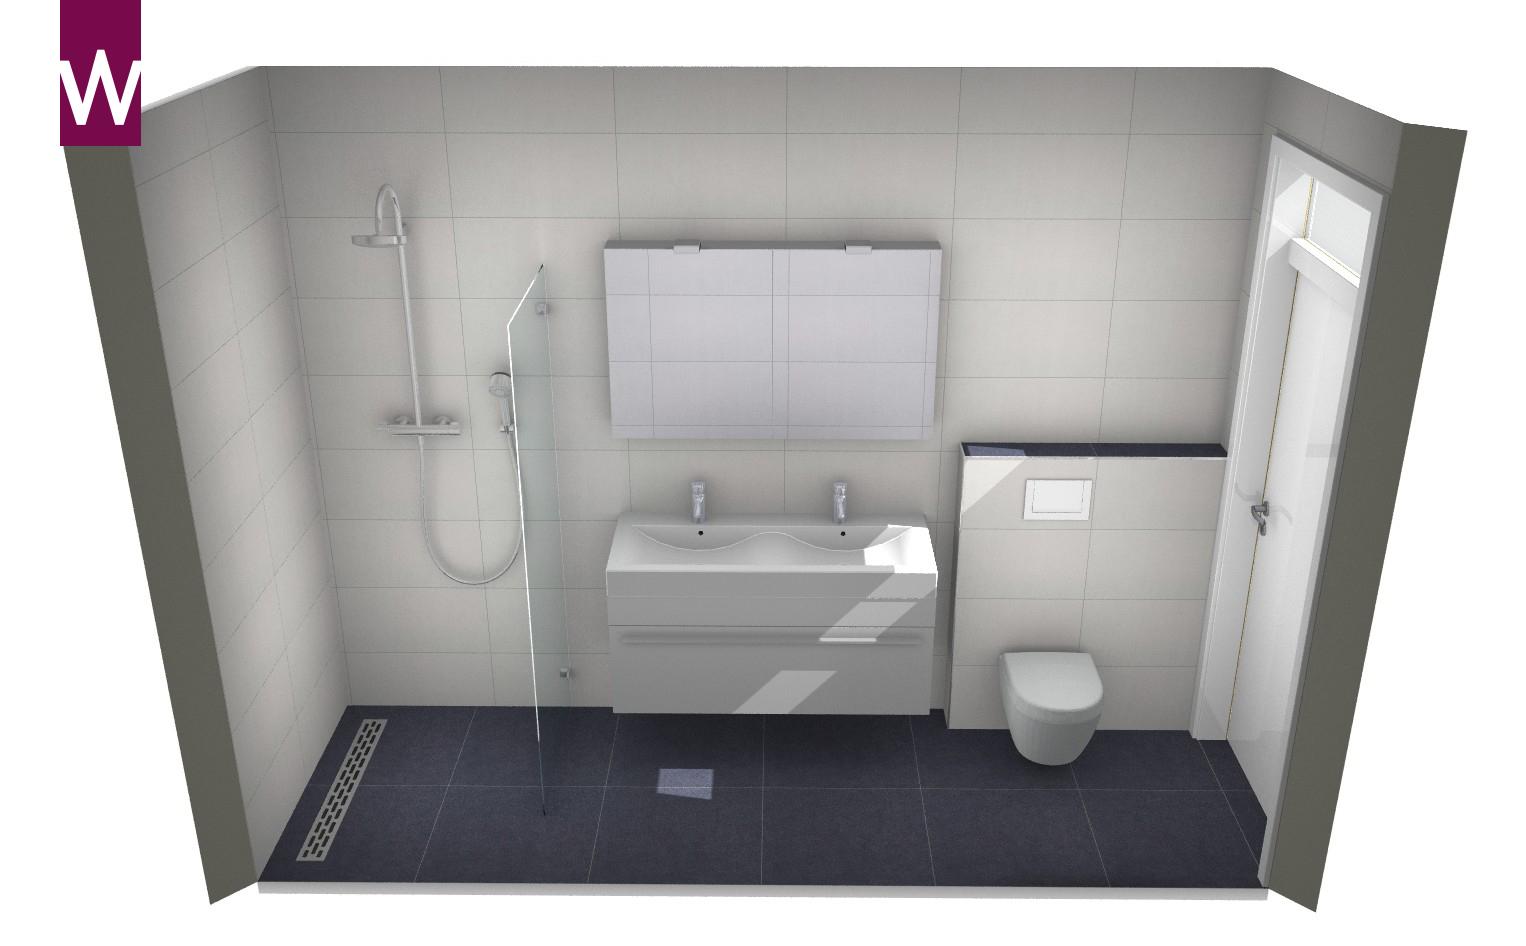 Smalle kleine badkamer - Kleine badkamers